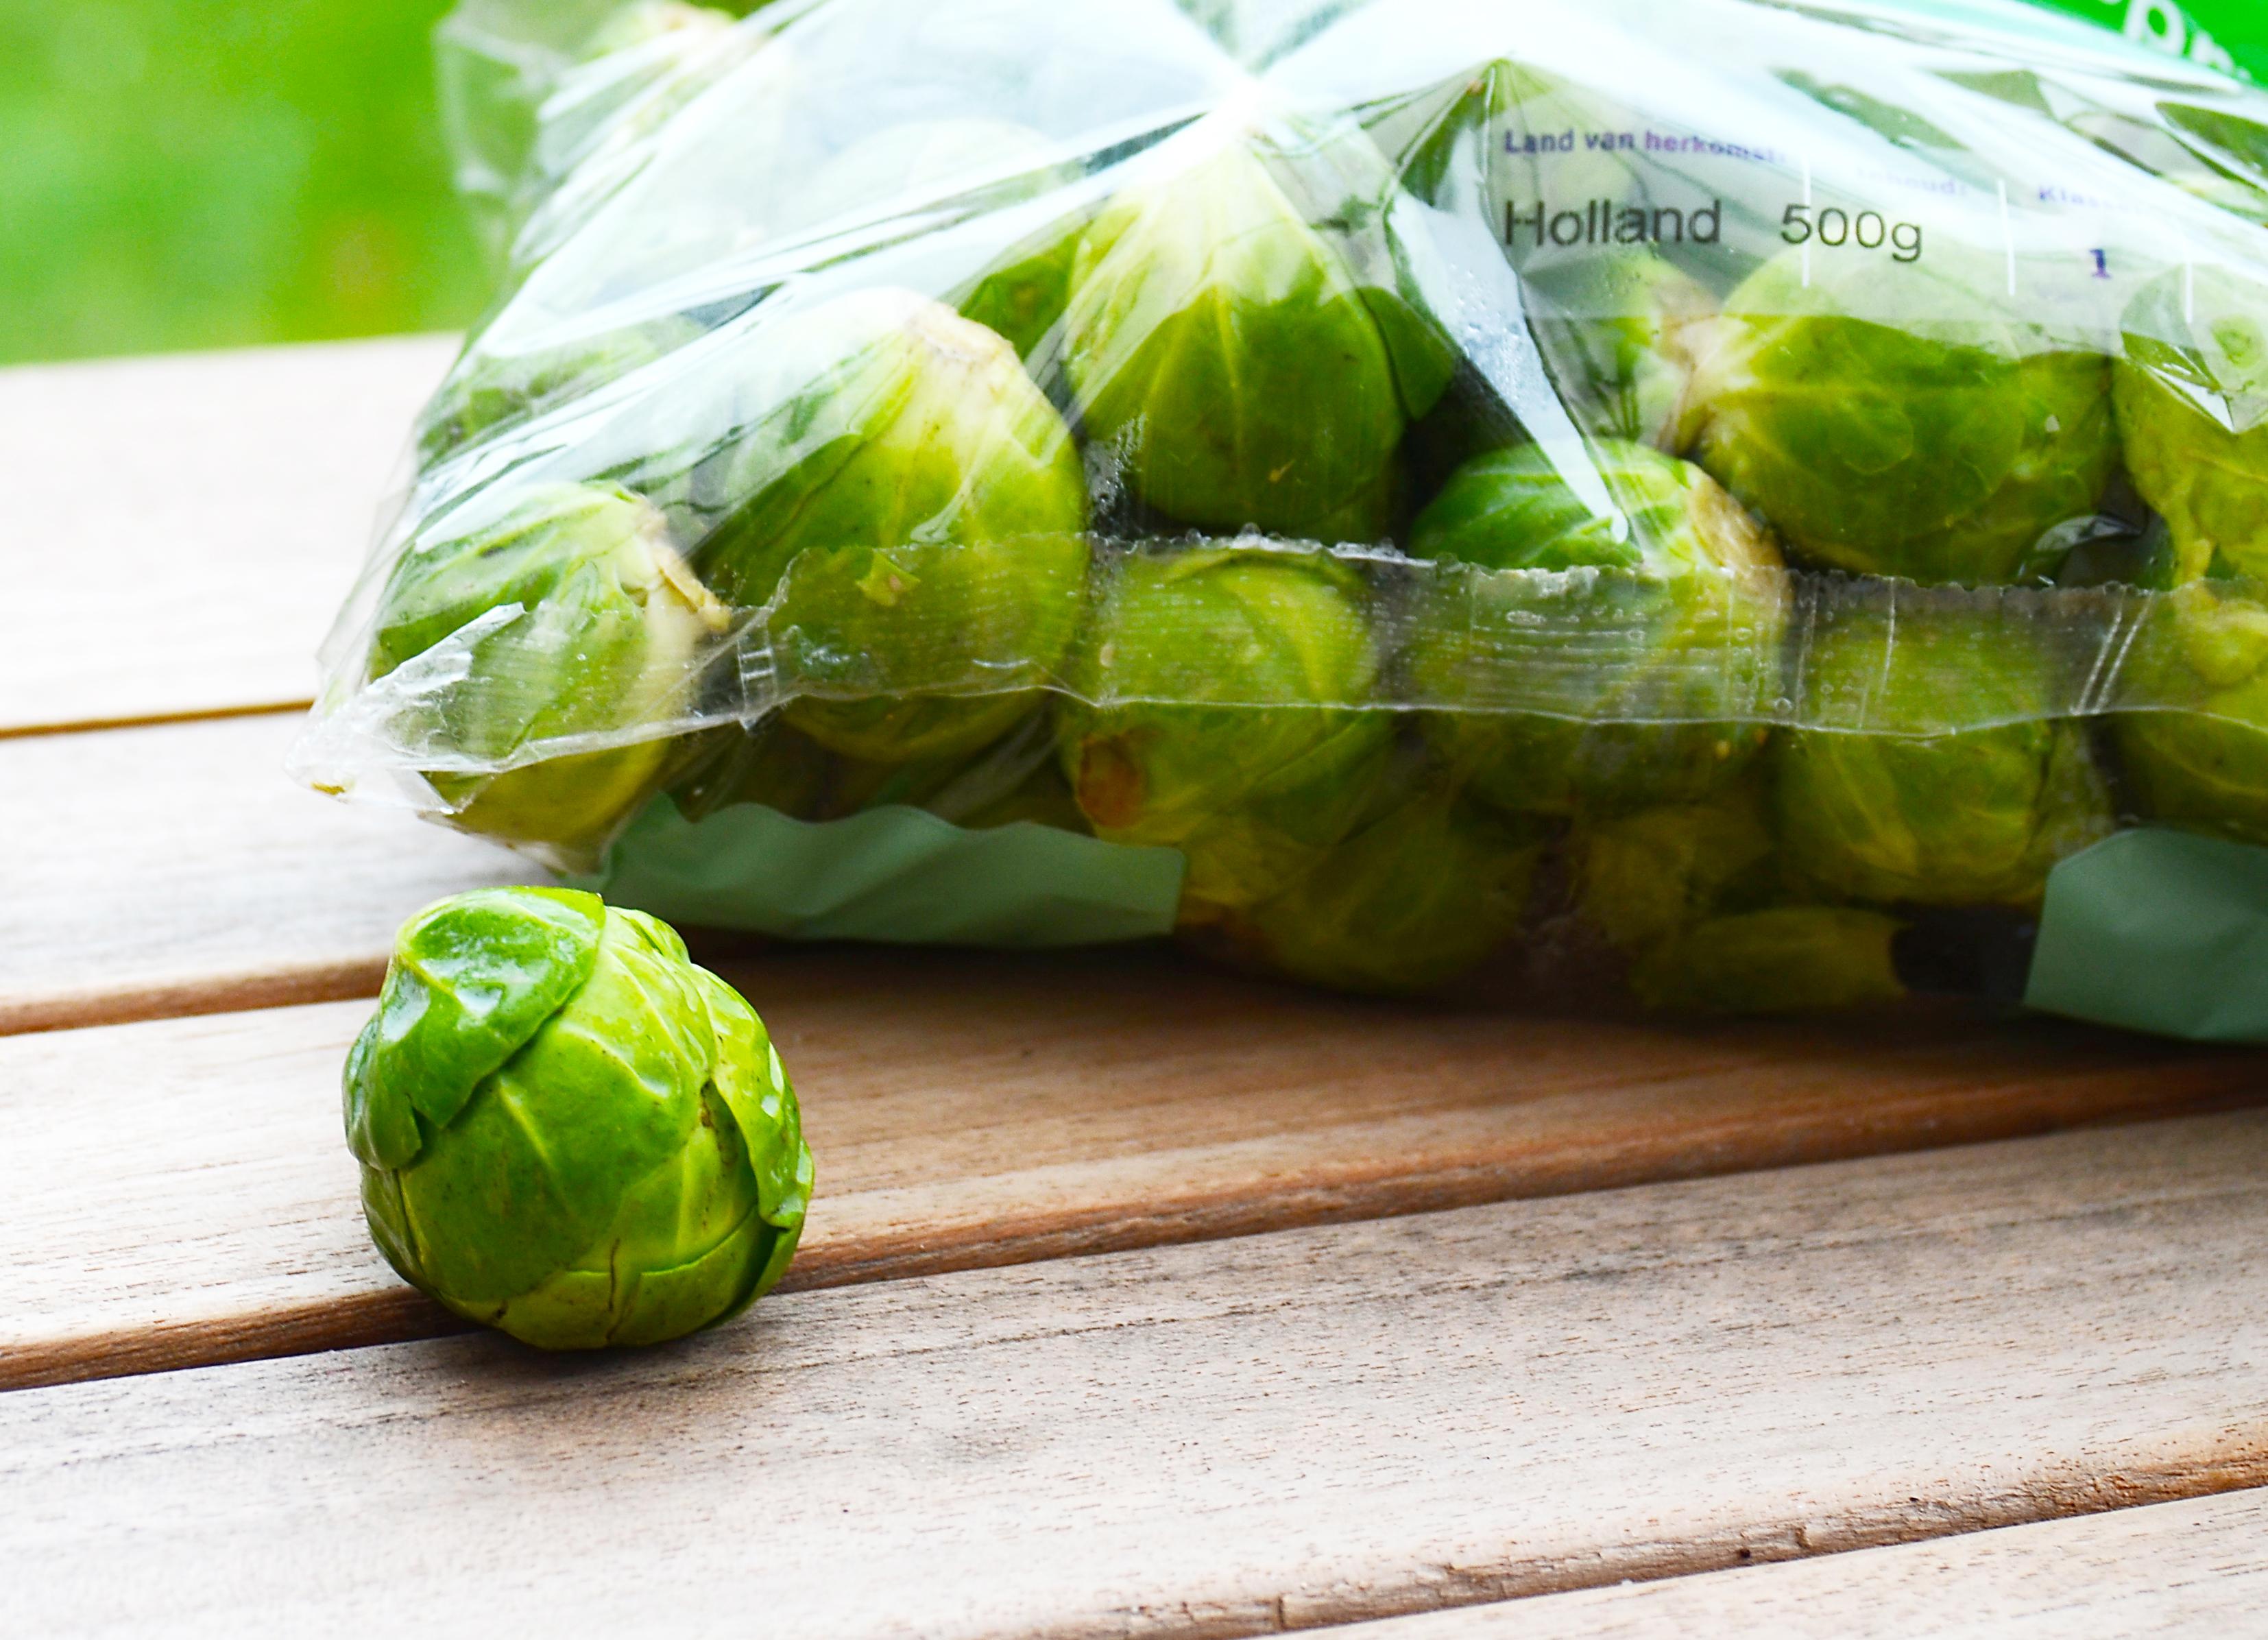 калорийность брюссельской капусты вареной